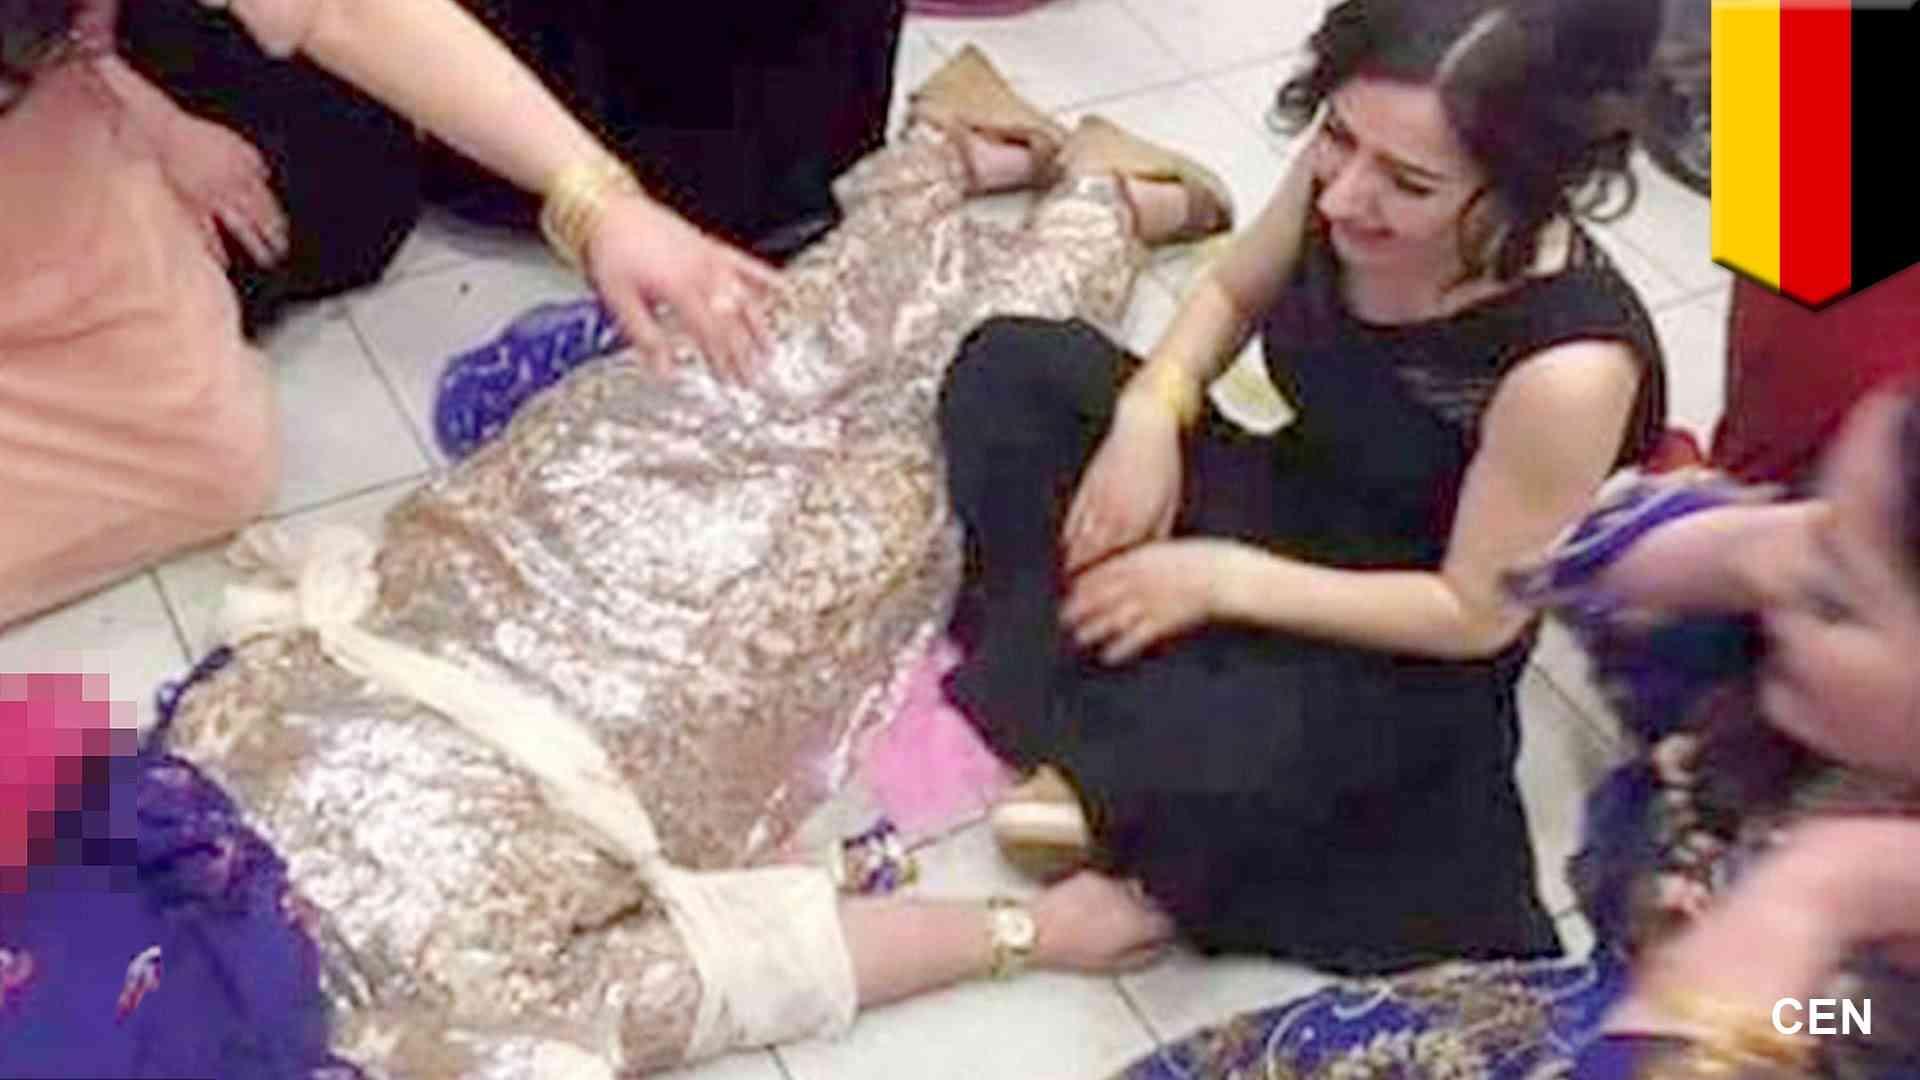 ドイツに移民したクルド人女性 従兄との結婚拒み、結婚式会場で射殺される - YouTube